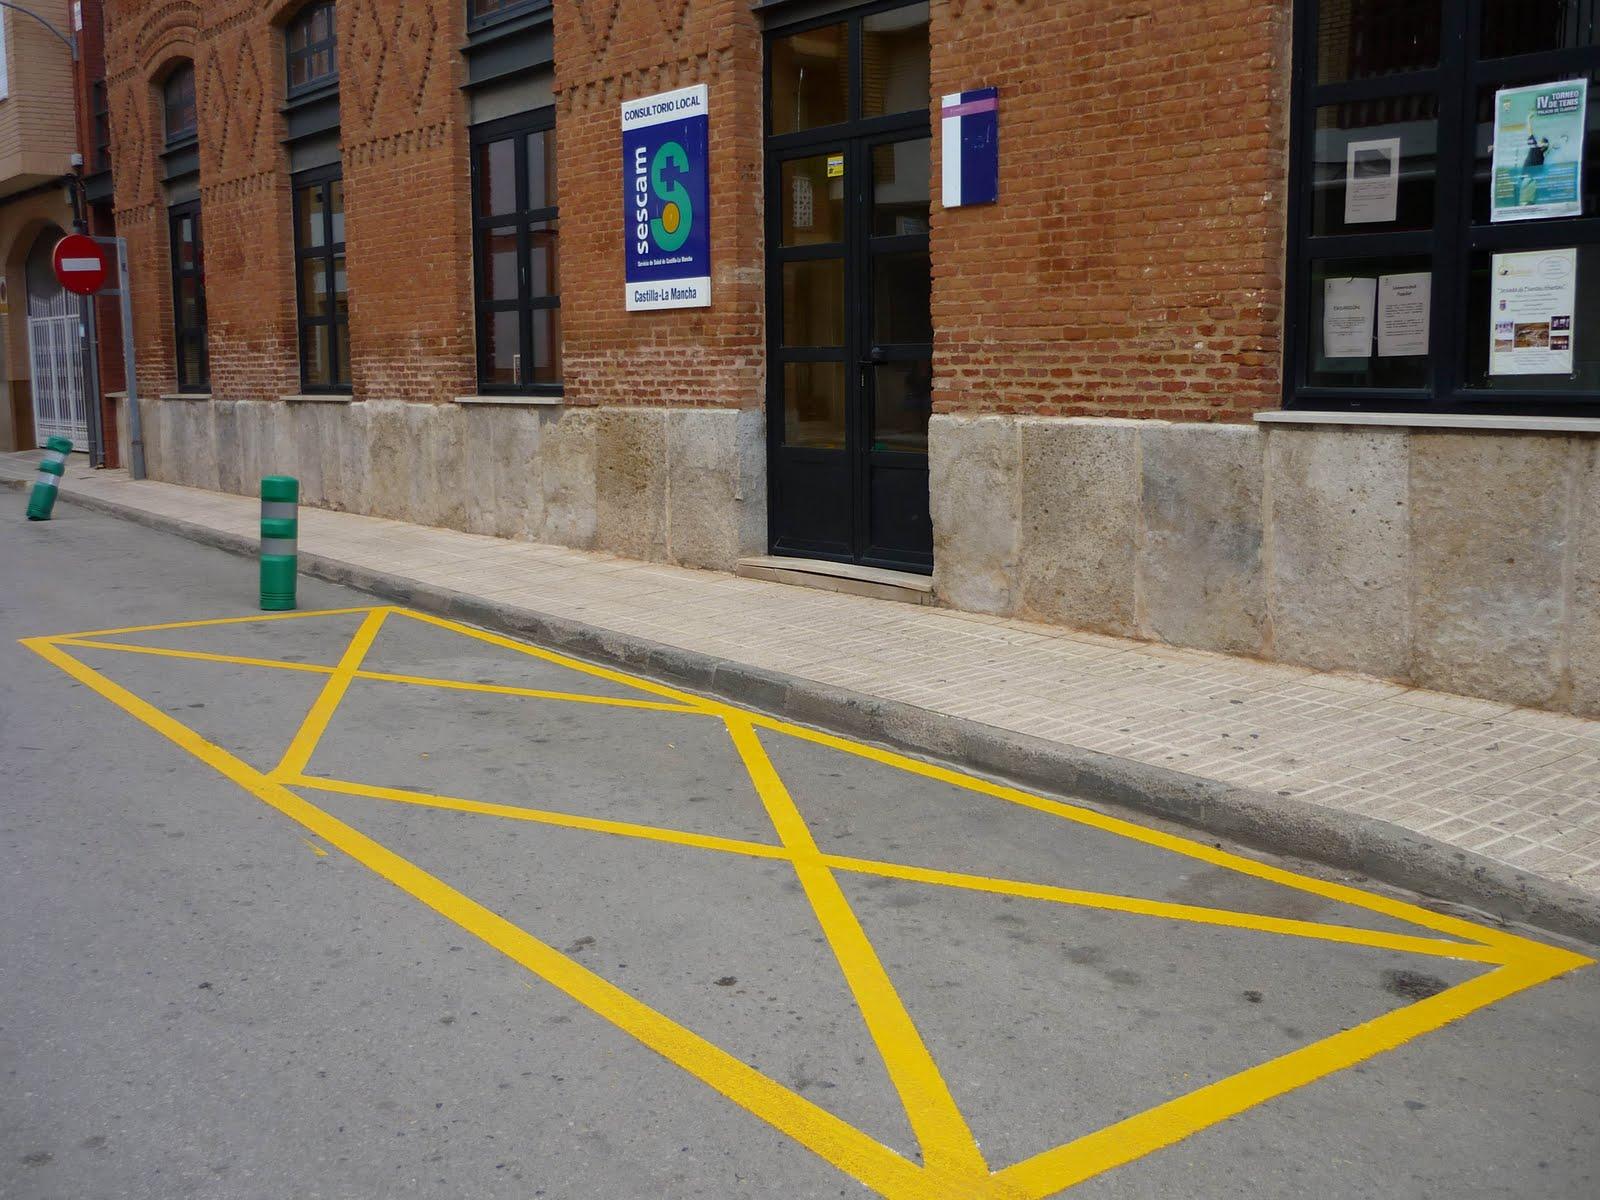 La gente aldeana plaza de aparcamiento para personas con for Plaza de aparcamiento